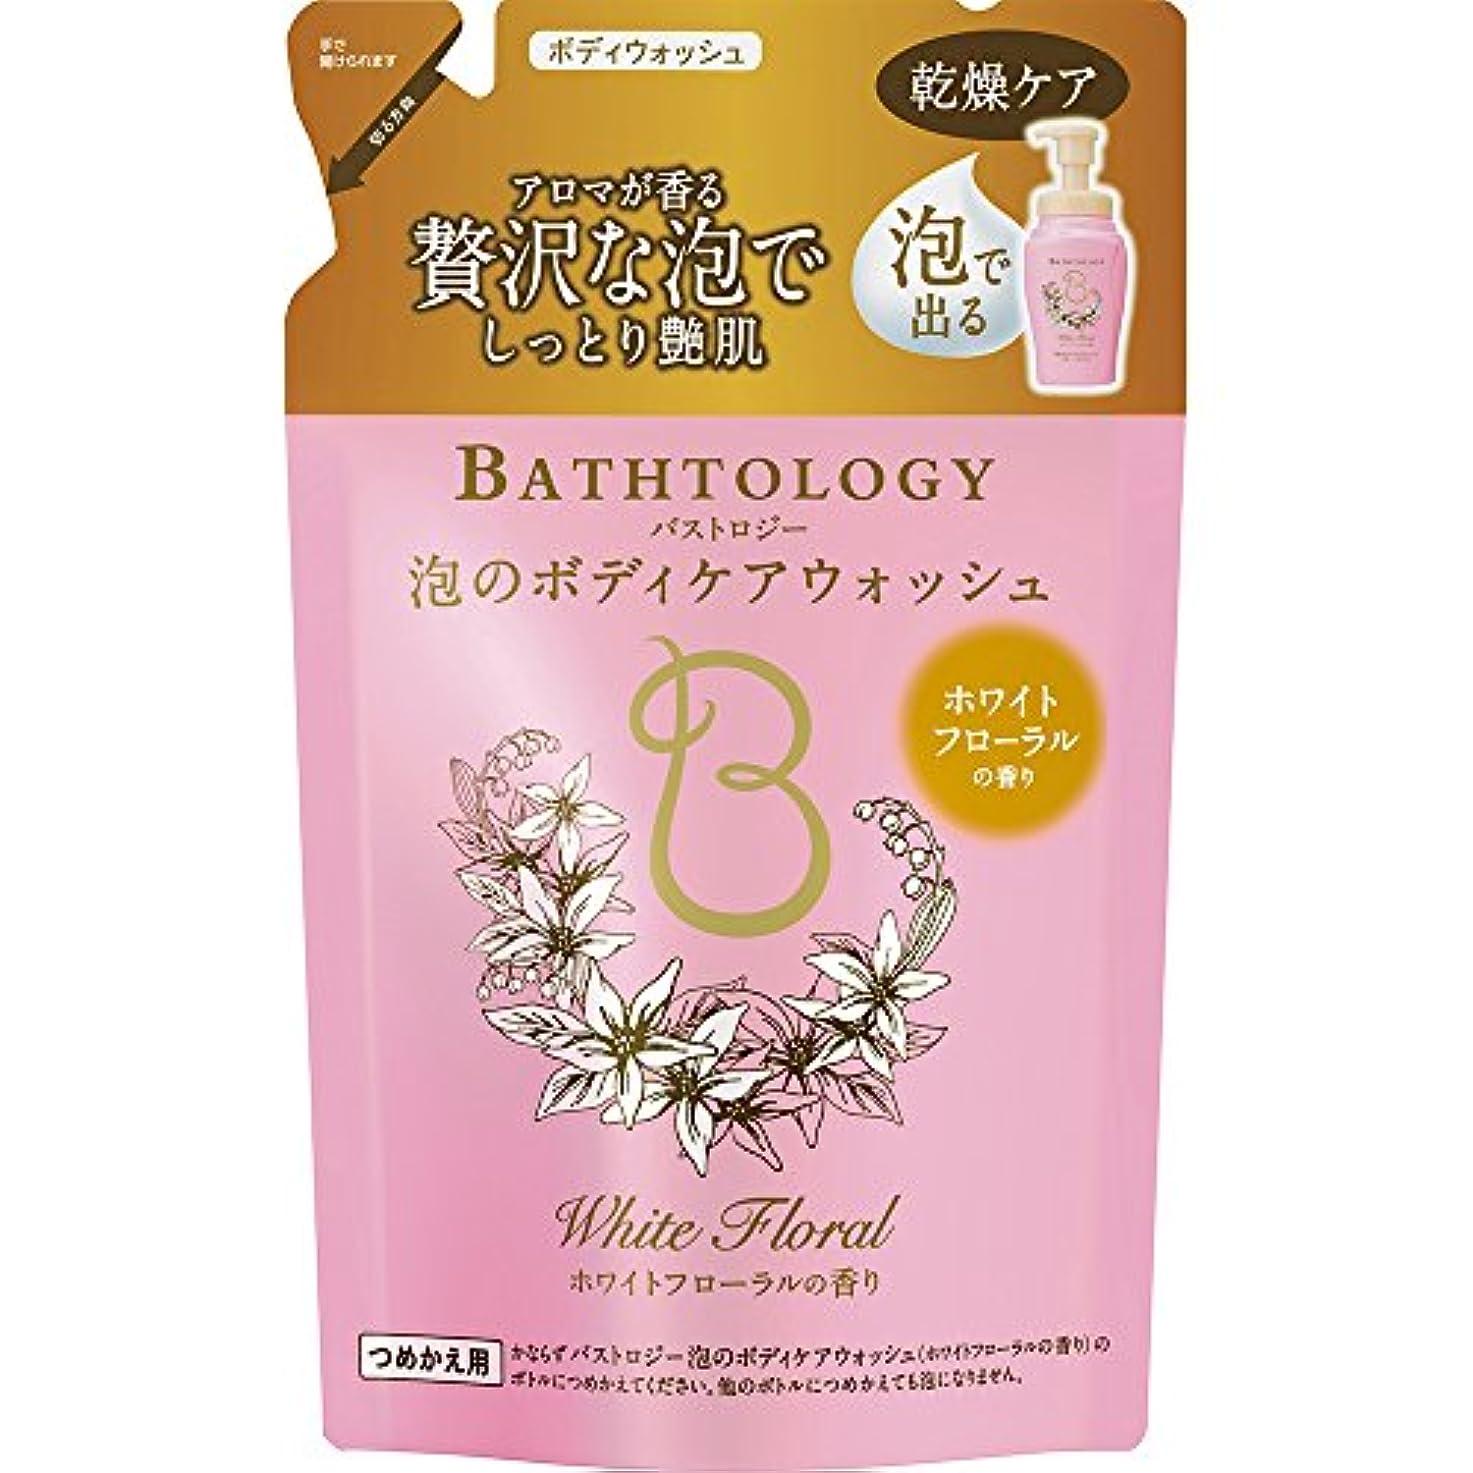 分岐する等傷つけるBATHTOLOGY 泡のボディケアウォッシュ ホワイトフローラルの香り 詰め替え 350ml